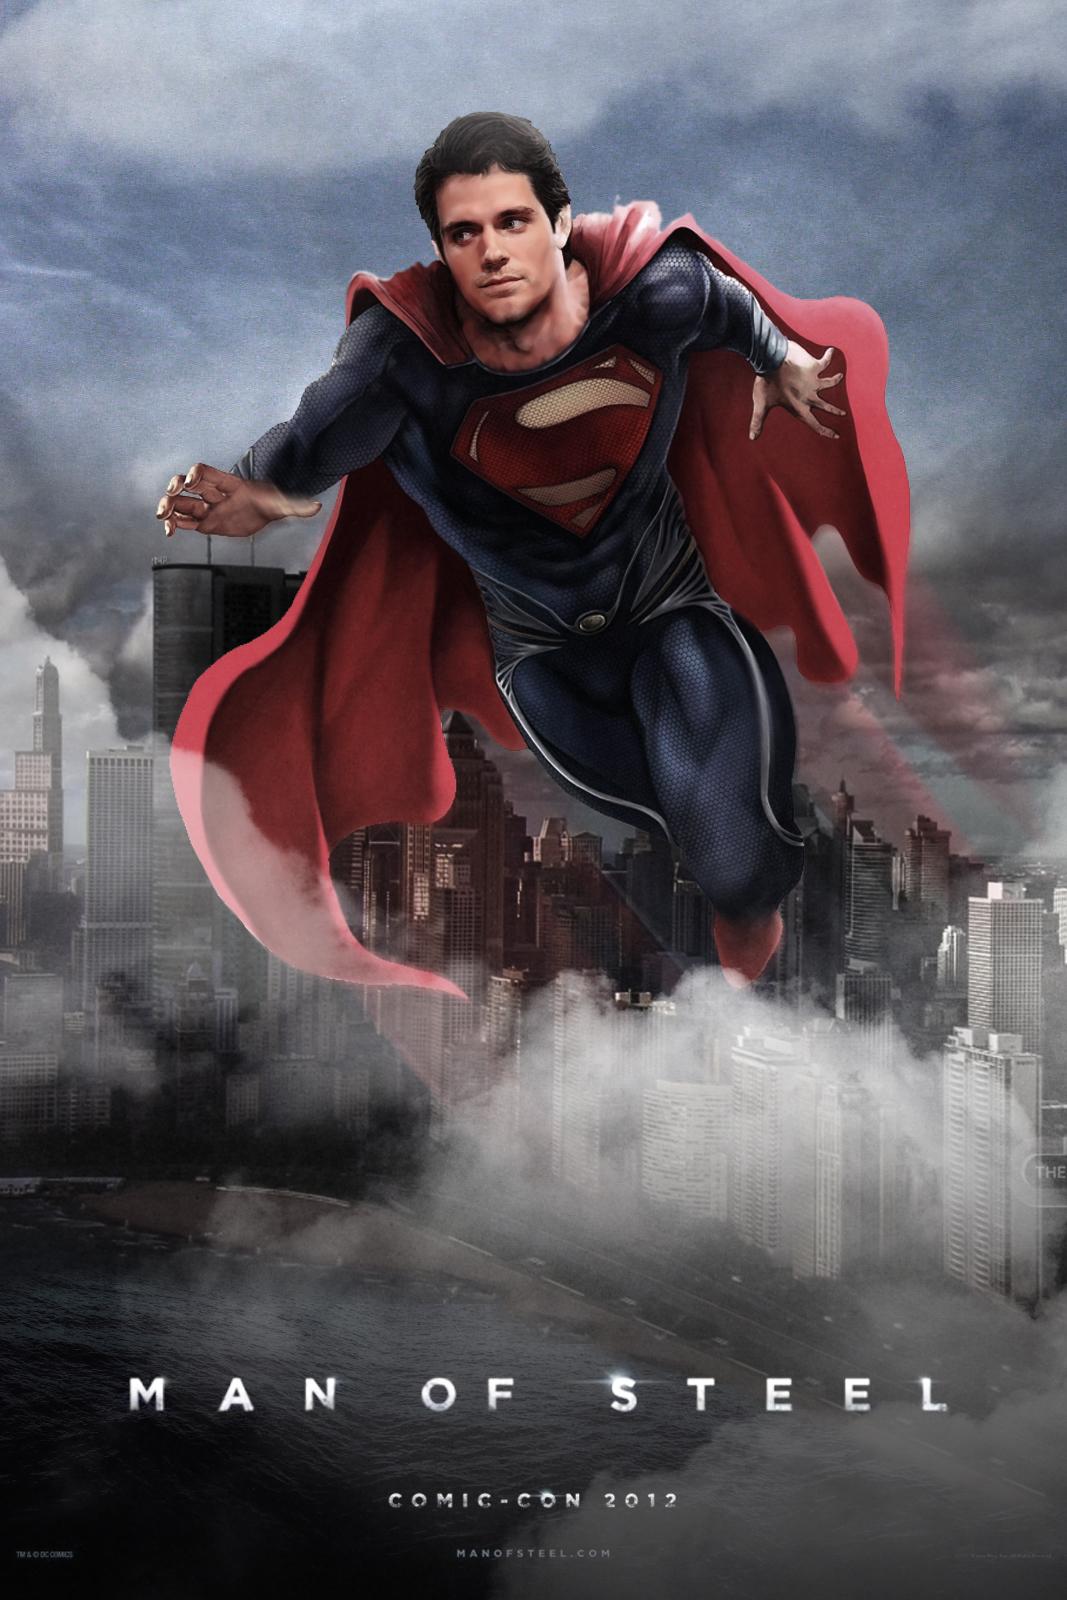 Online wallpapers shop superman man of steel poster wallpaper - Wallpaper superman man of steel ...